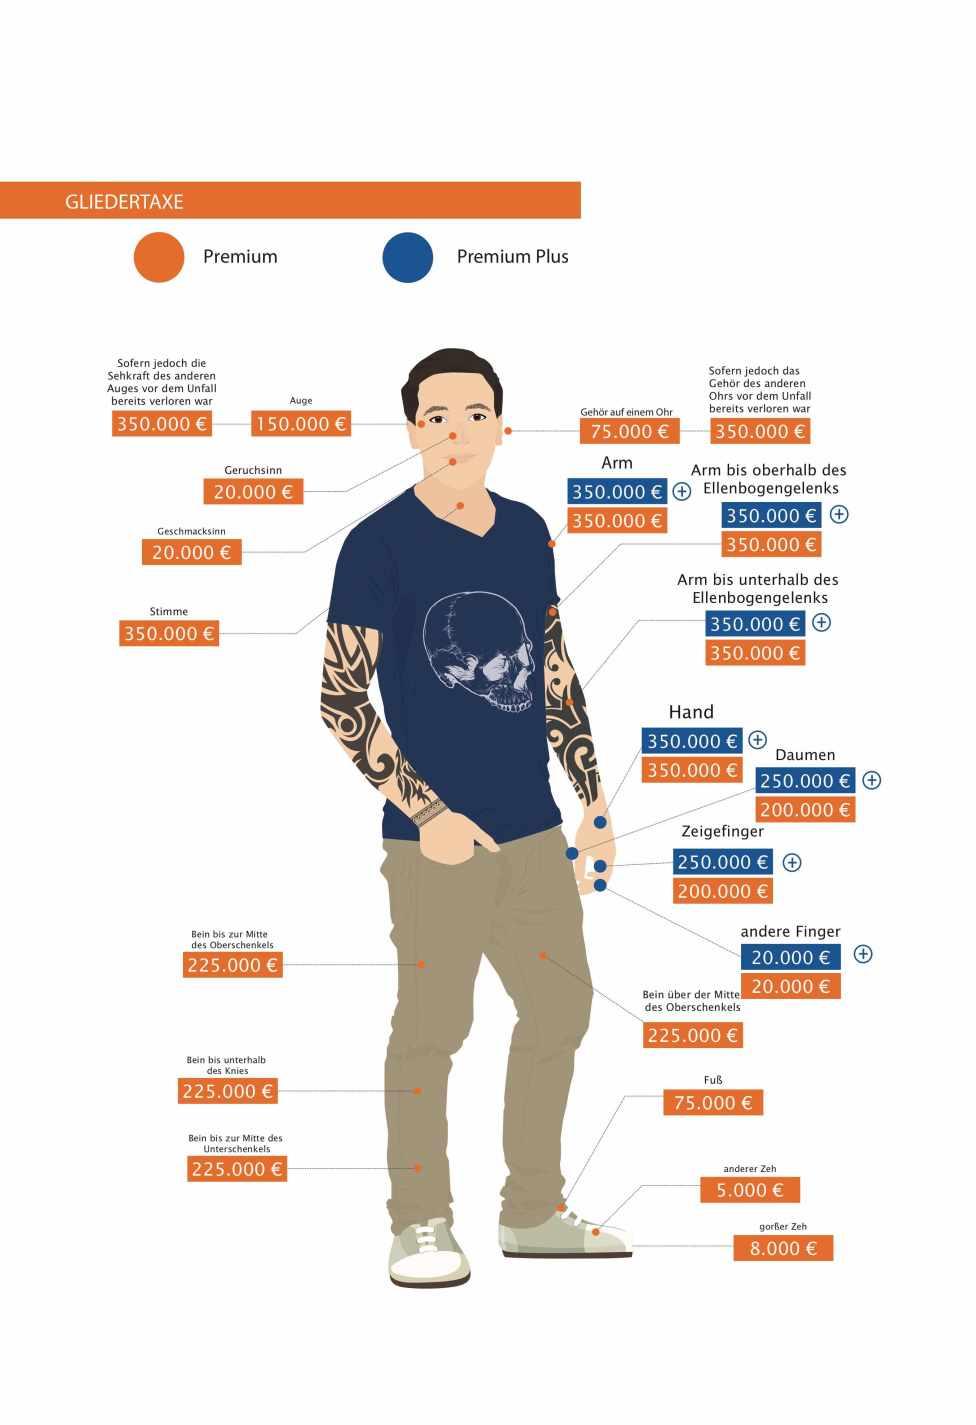 Gliedertaxe Unfallversicherung Körper Tätowierer Piercer